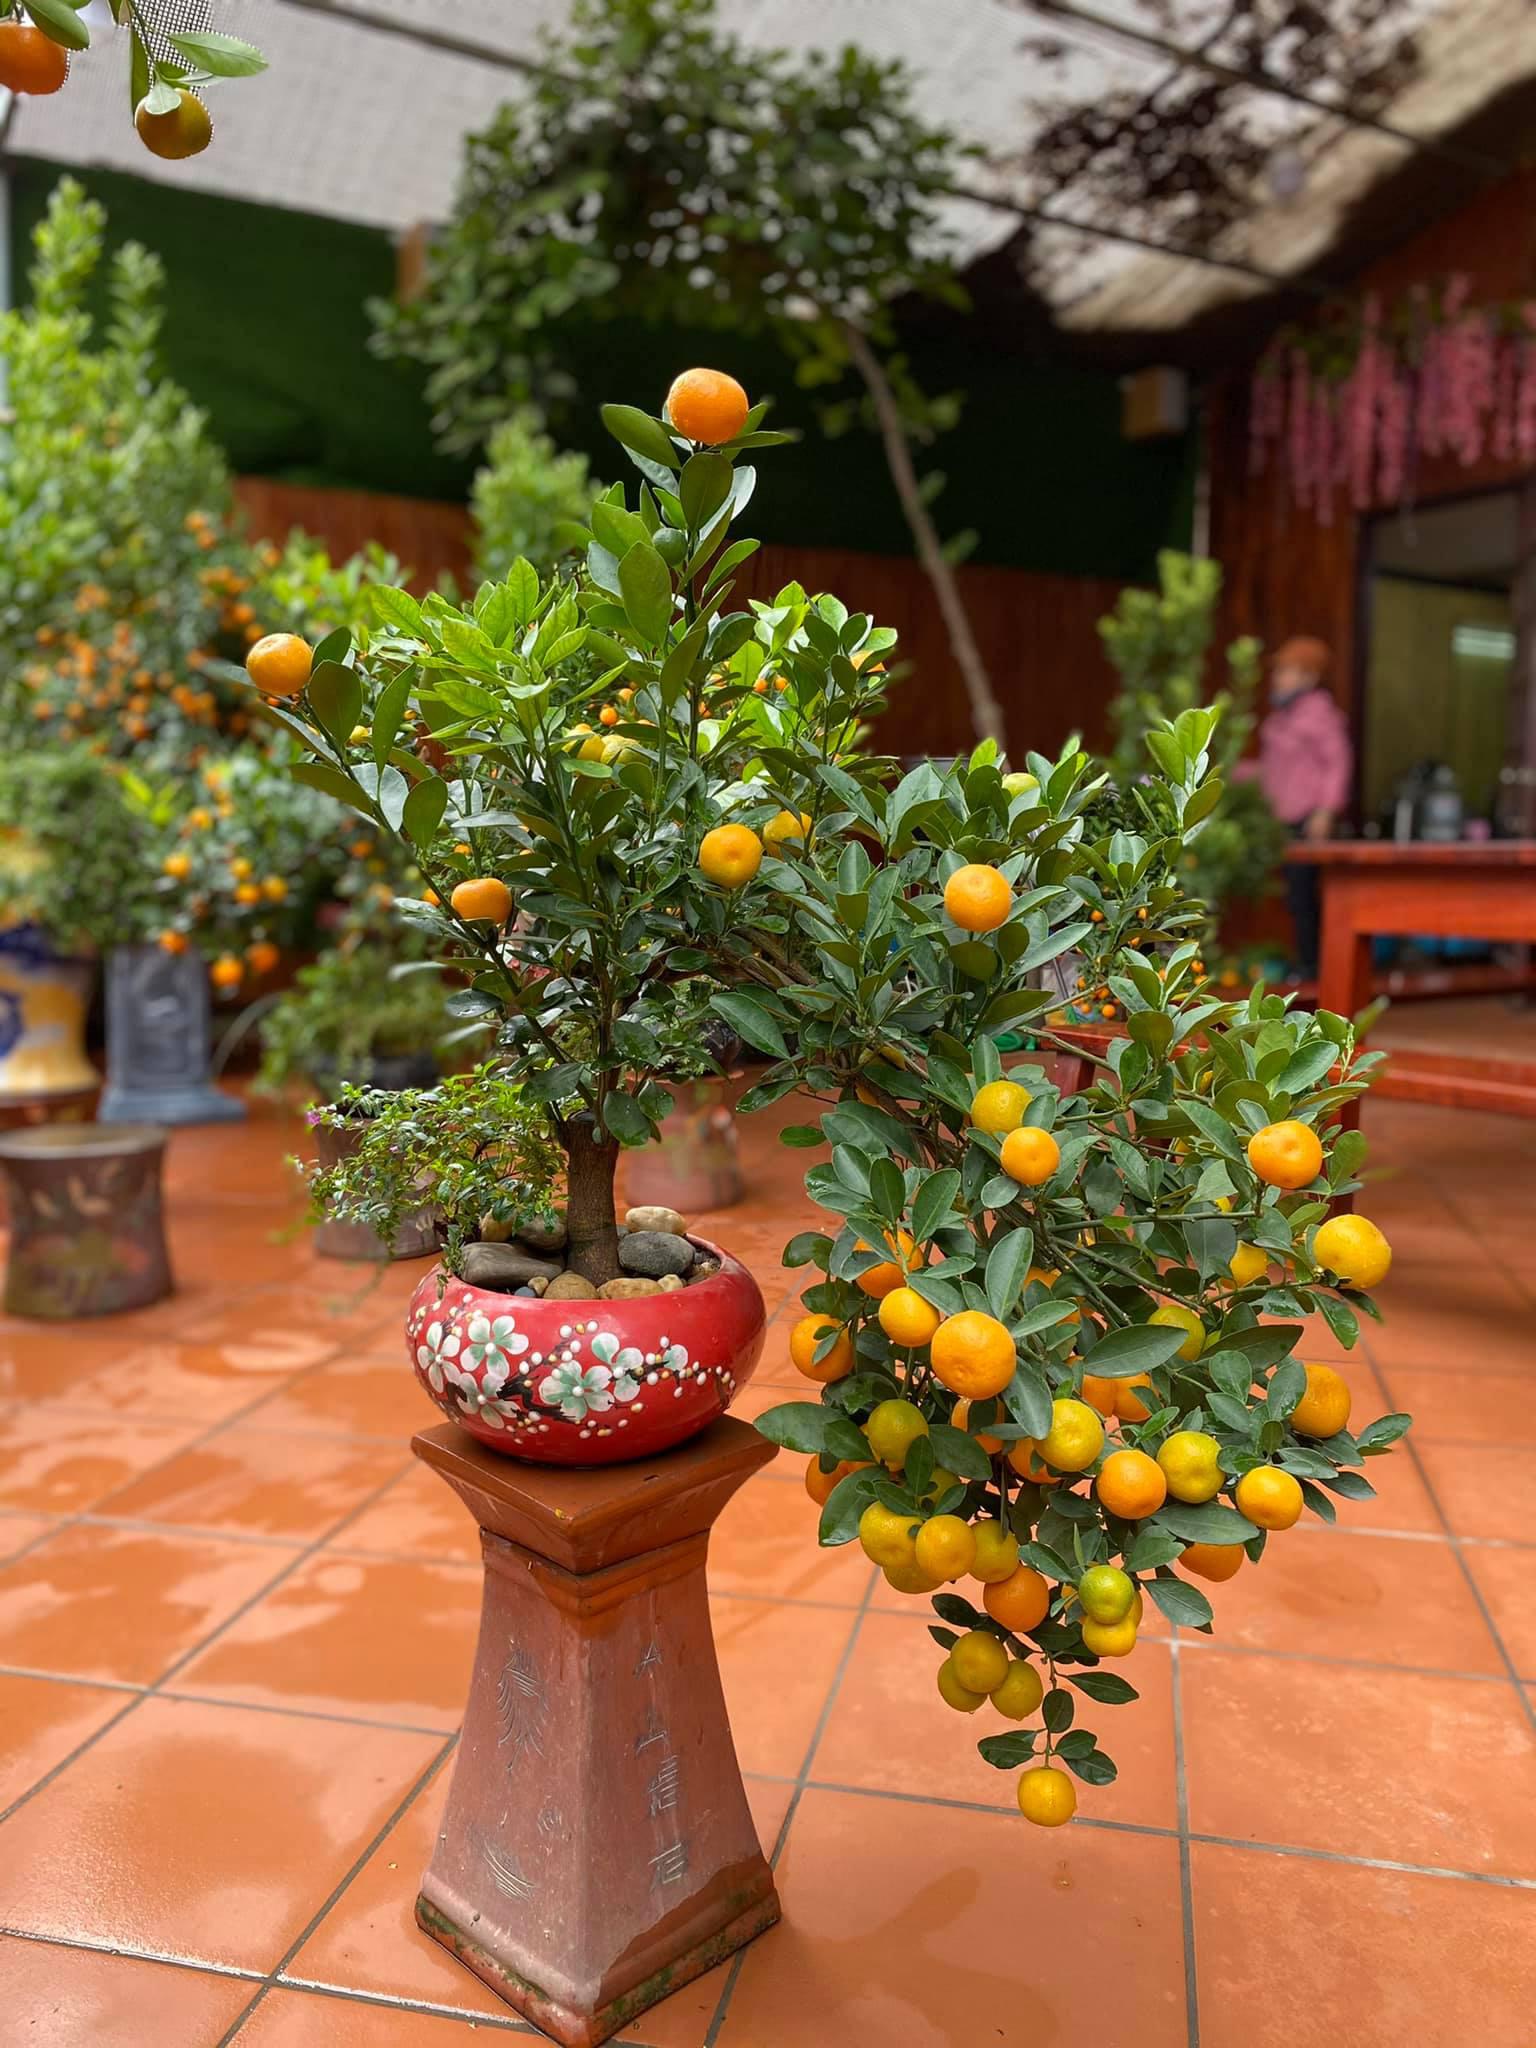 Tết Tân Sửu: Quất bonsai mini, vừa túi tiền dễ bán, dễ mua, dễ trưng bày đắt khách như tôm tươi - Ảnh 7.